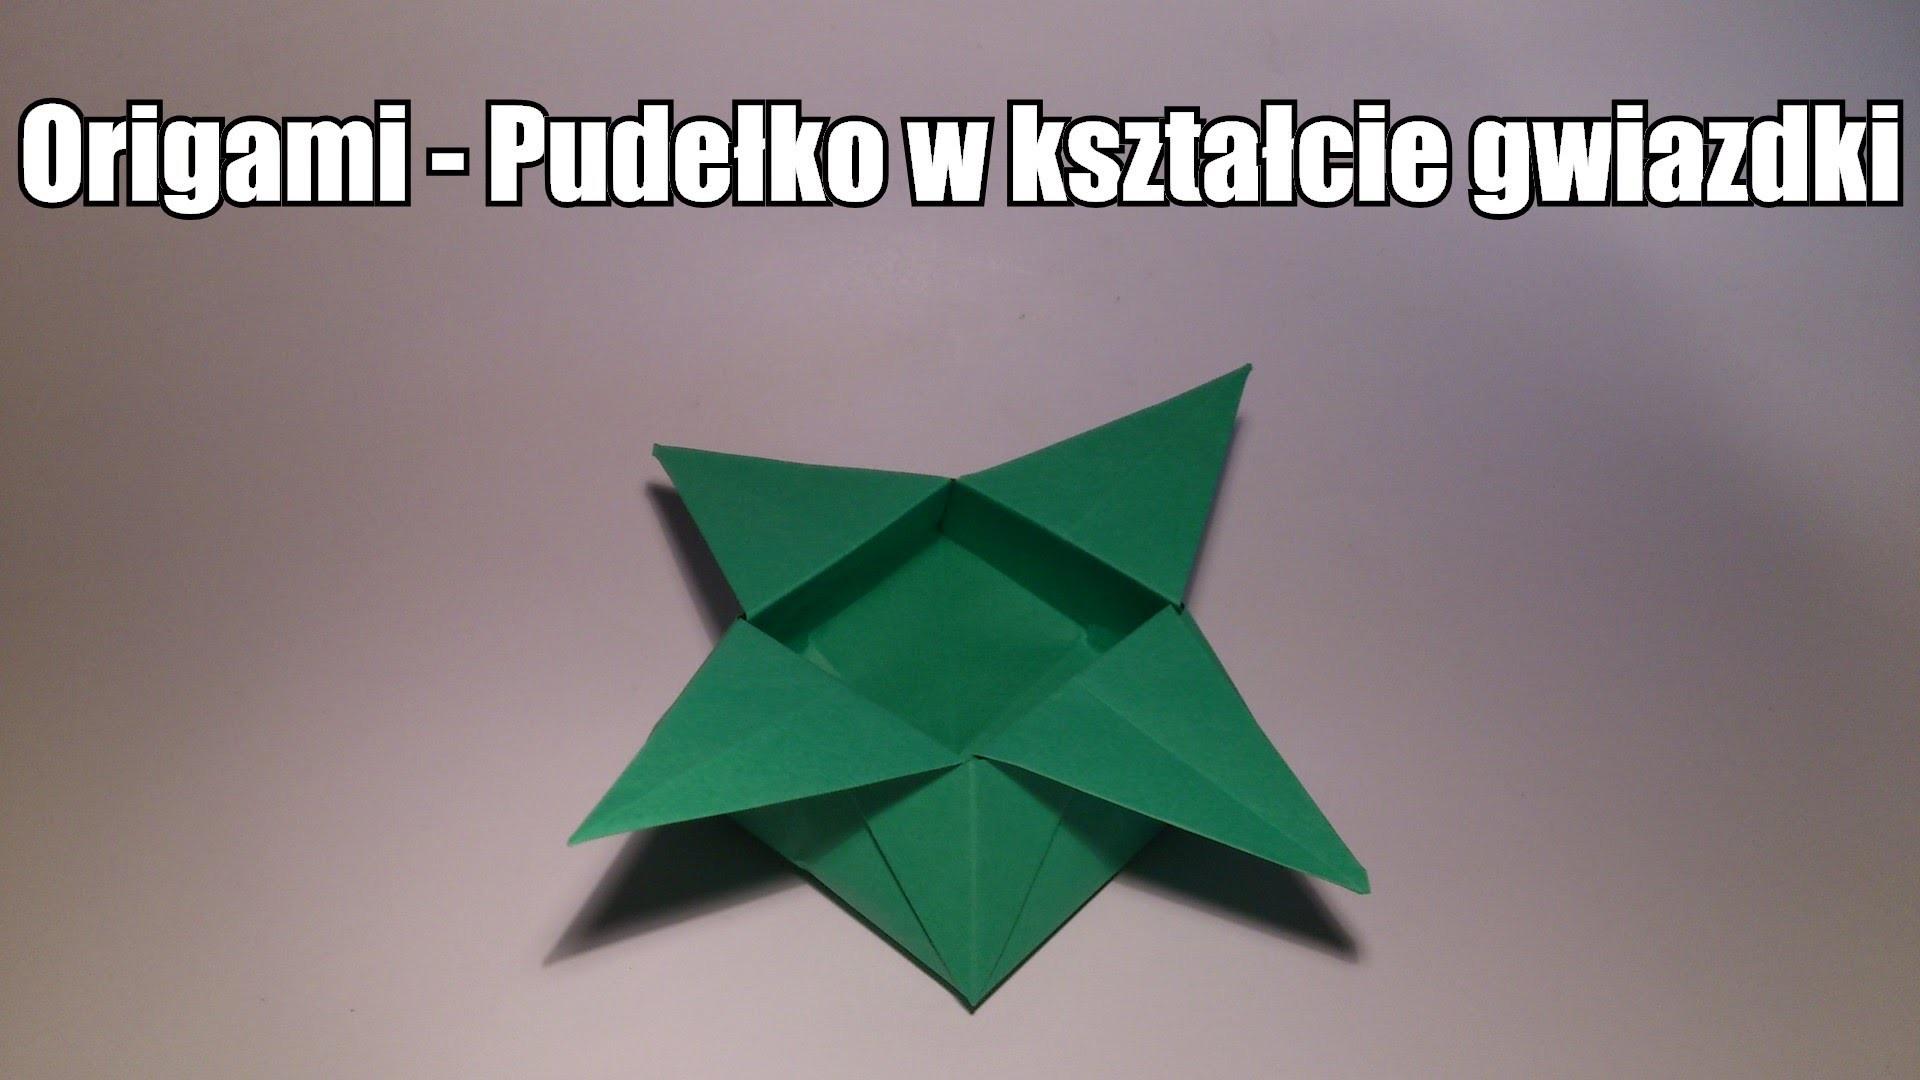 Origami -  Pudełko w kształcie gwiazdy